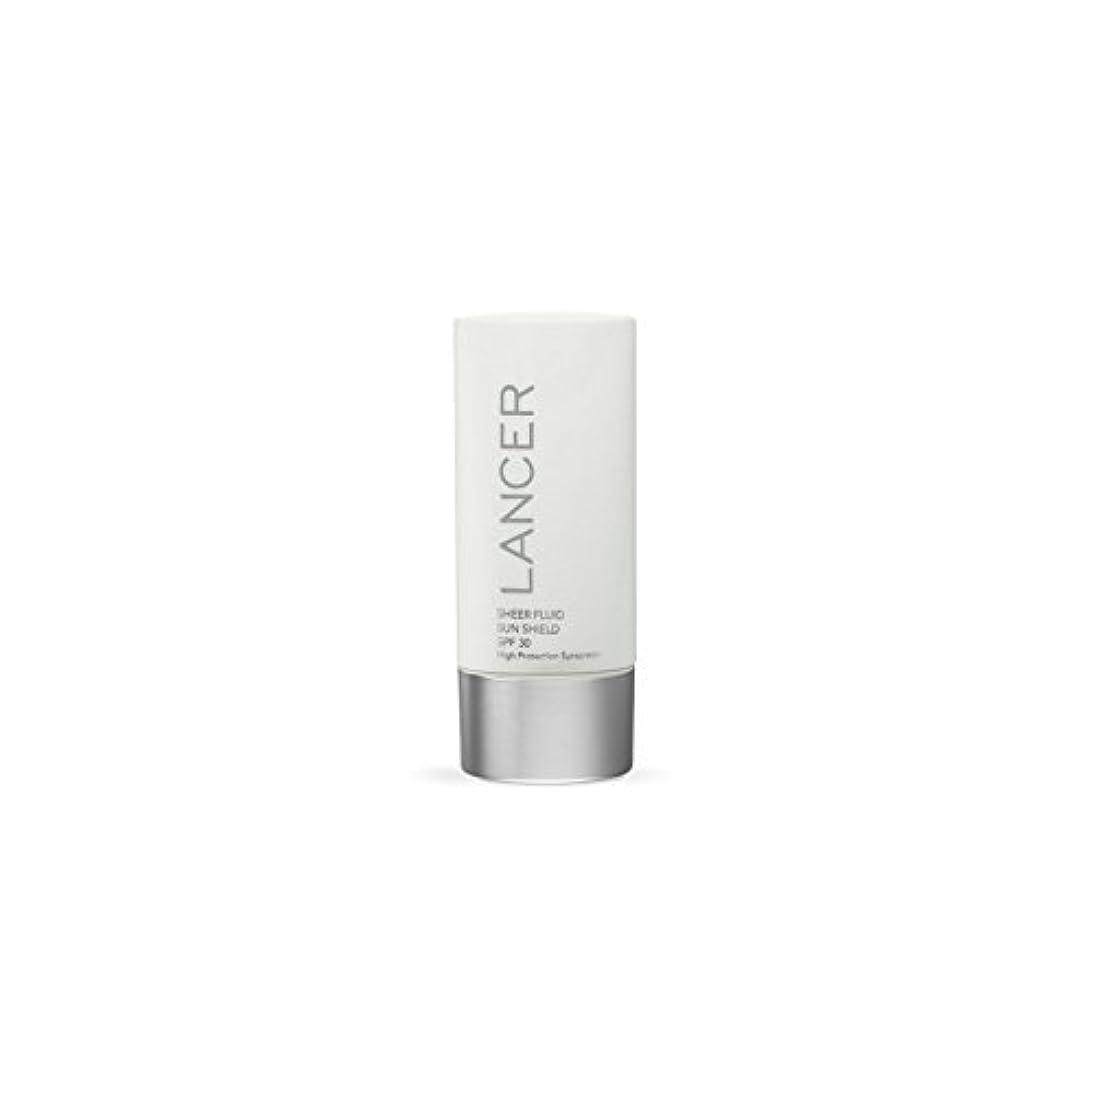 わざわざとても多くの祈るLancer Skincare Sheer Fluid Sun Shield Spf 30 (60ml) (Pack of 6) - ランサースキンケア切り立った流体サンシールド 30(60ミリリットル) x6 [並行輸入品]